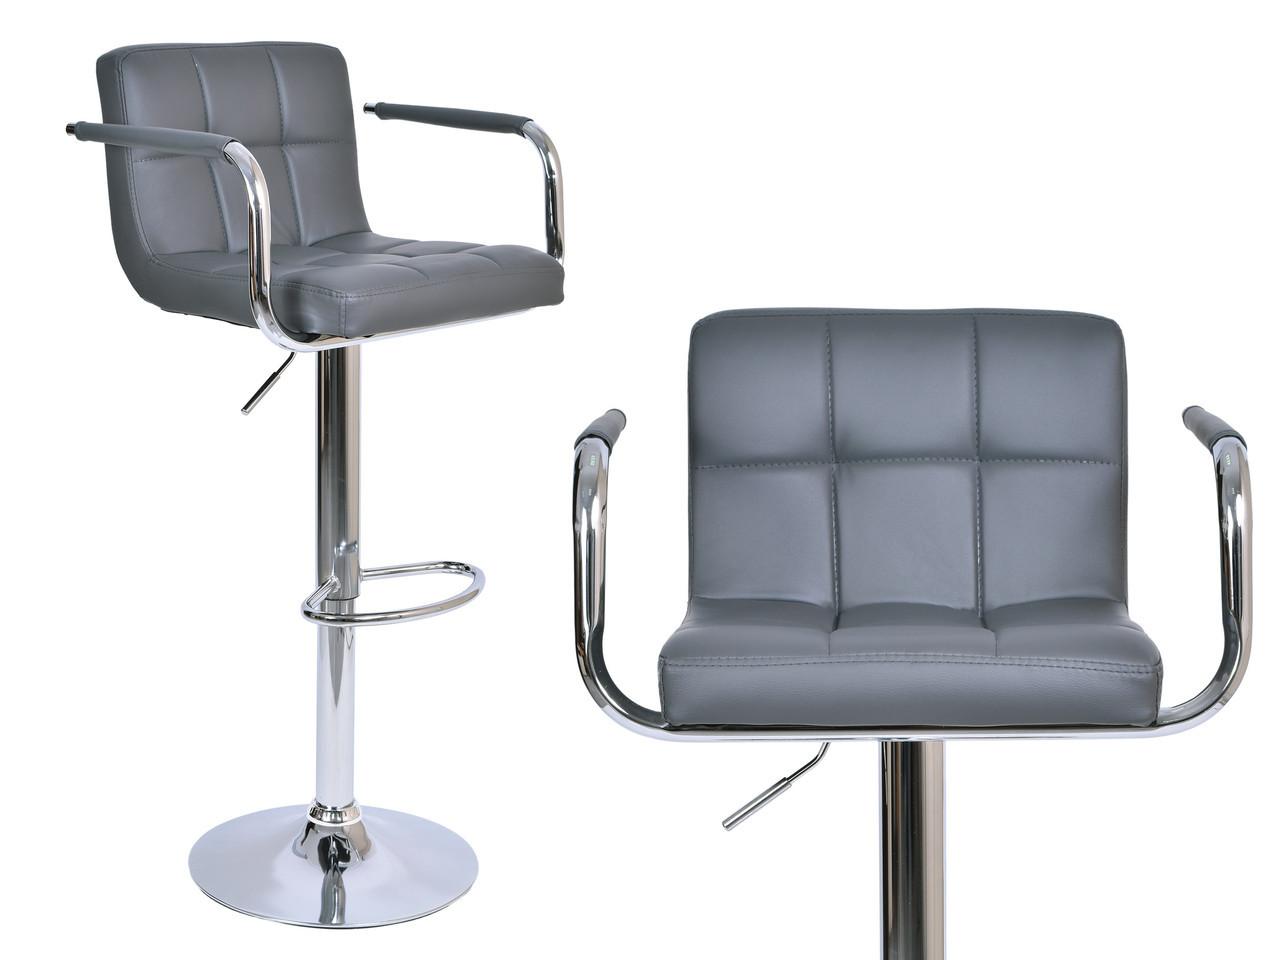 Барный стул с подлокотниками Monte серый